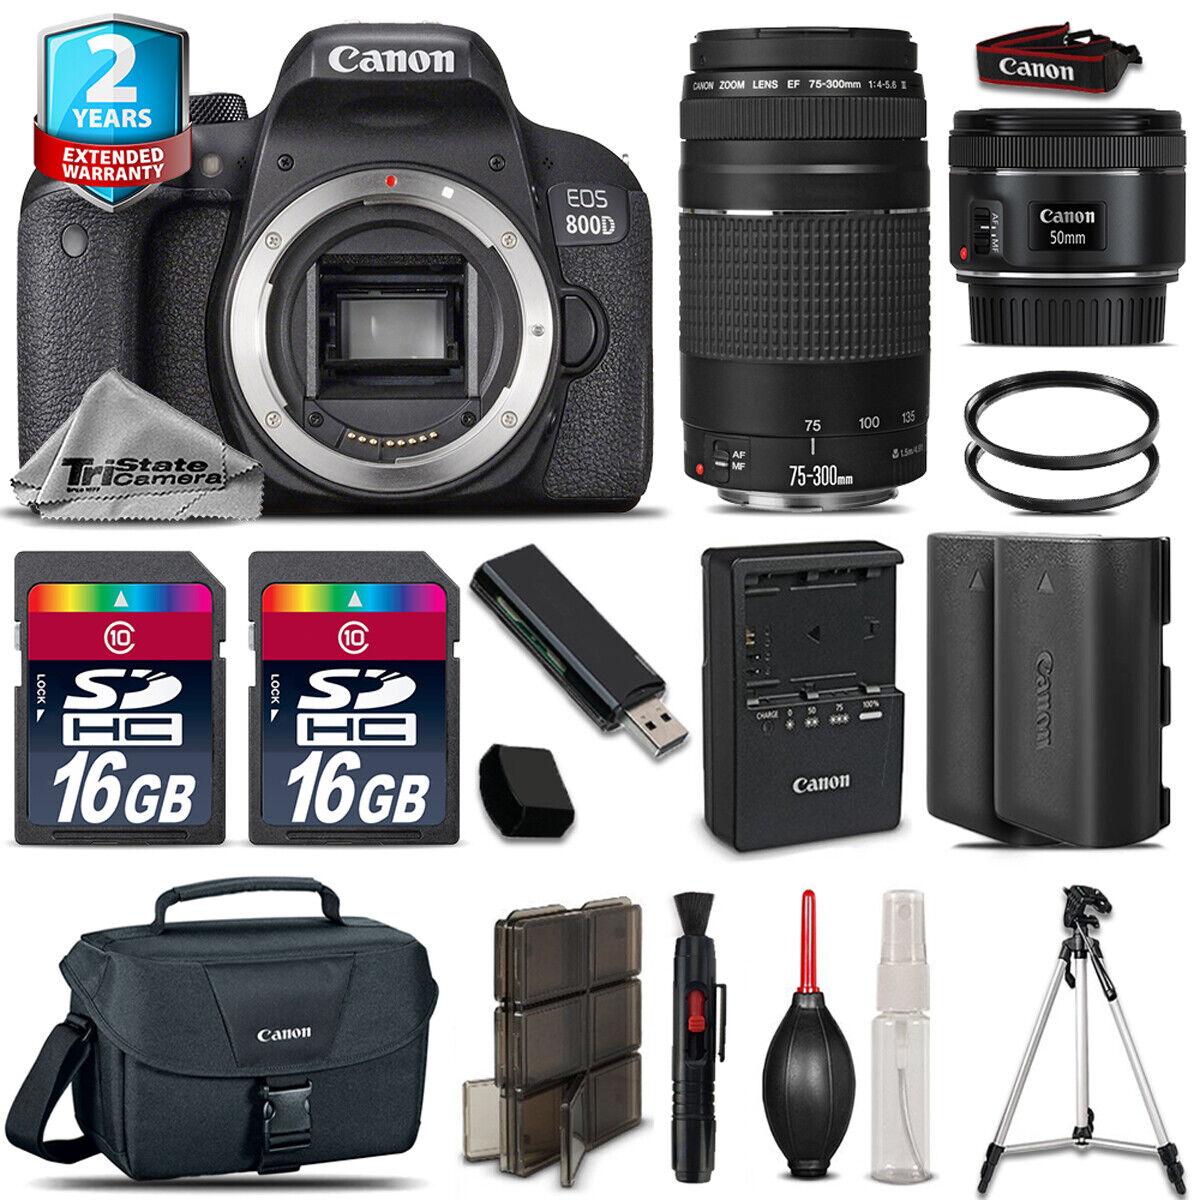 Canon Rebel 800D T7i Camera + 50mm STM + 75-300mm + EXT BATT+ 32GB +2yr Warranty